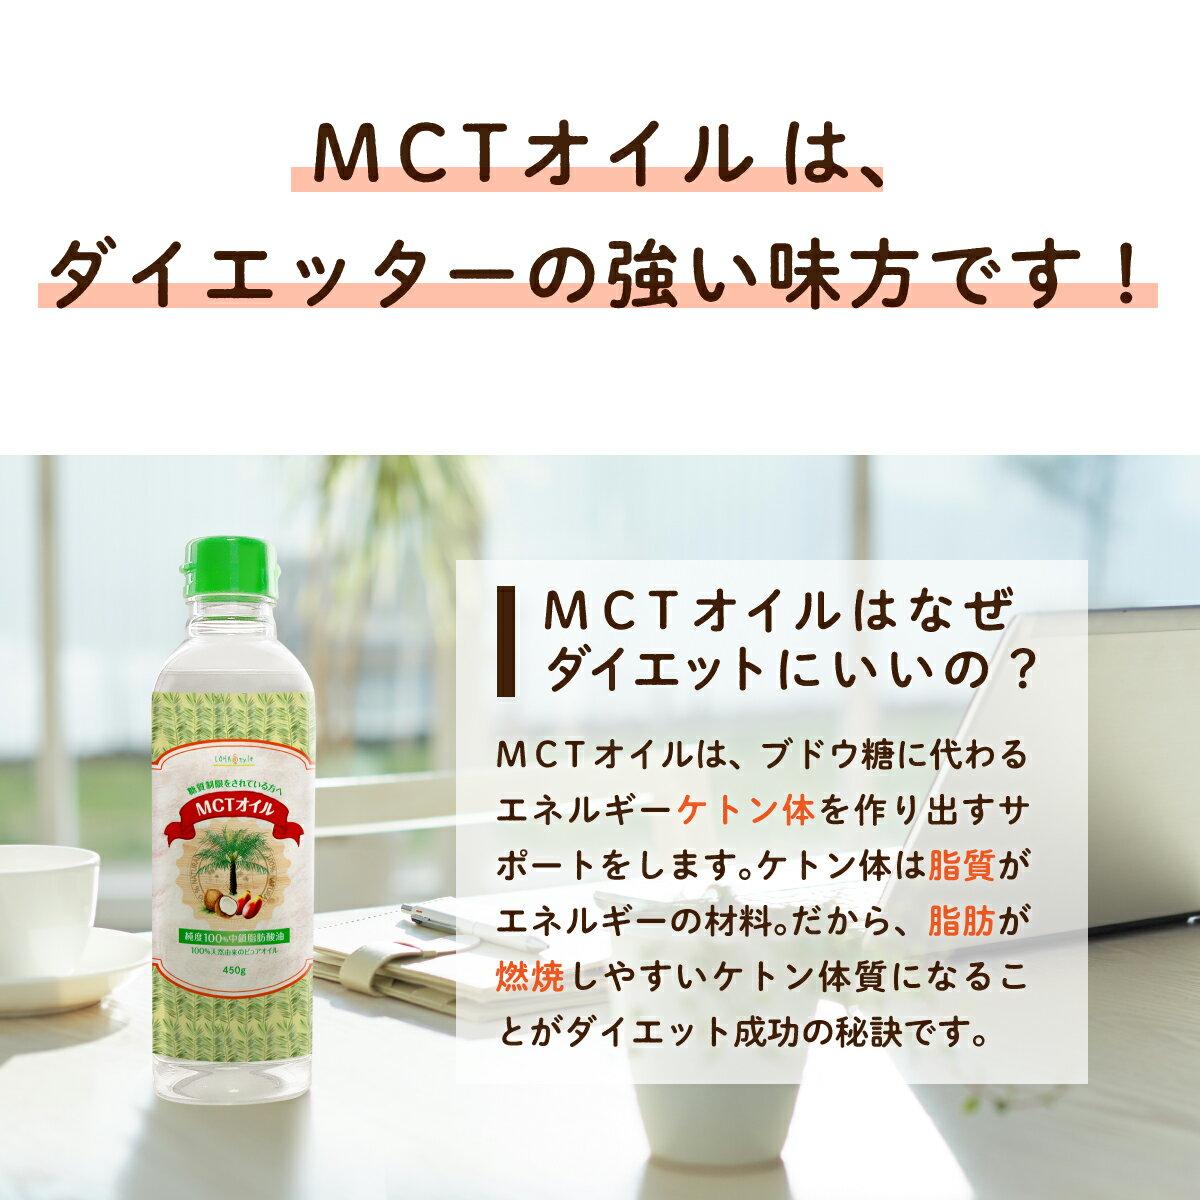 MCTオイル450gペットボトル糖質制限「純度100%高品質」MCTオイルダイエットケトン体生成ケトン中鎖脂肪酸糖質ゼロ糖質制限ダイエットコーヒーサラダにLOHAStyle